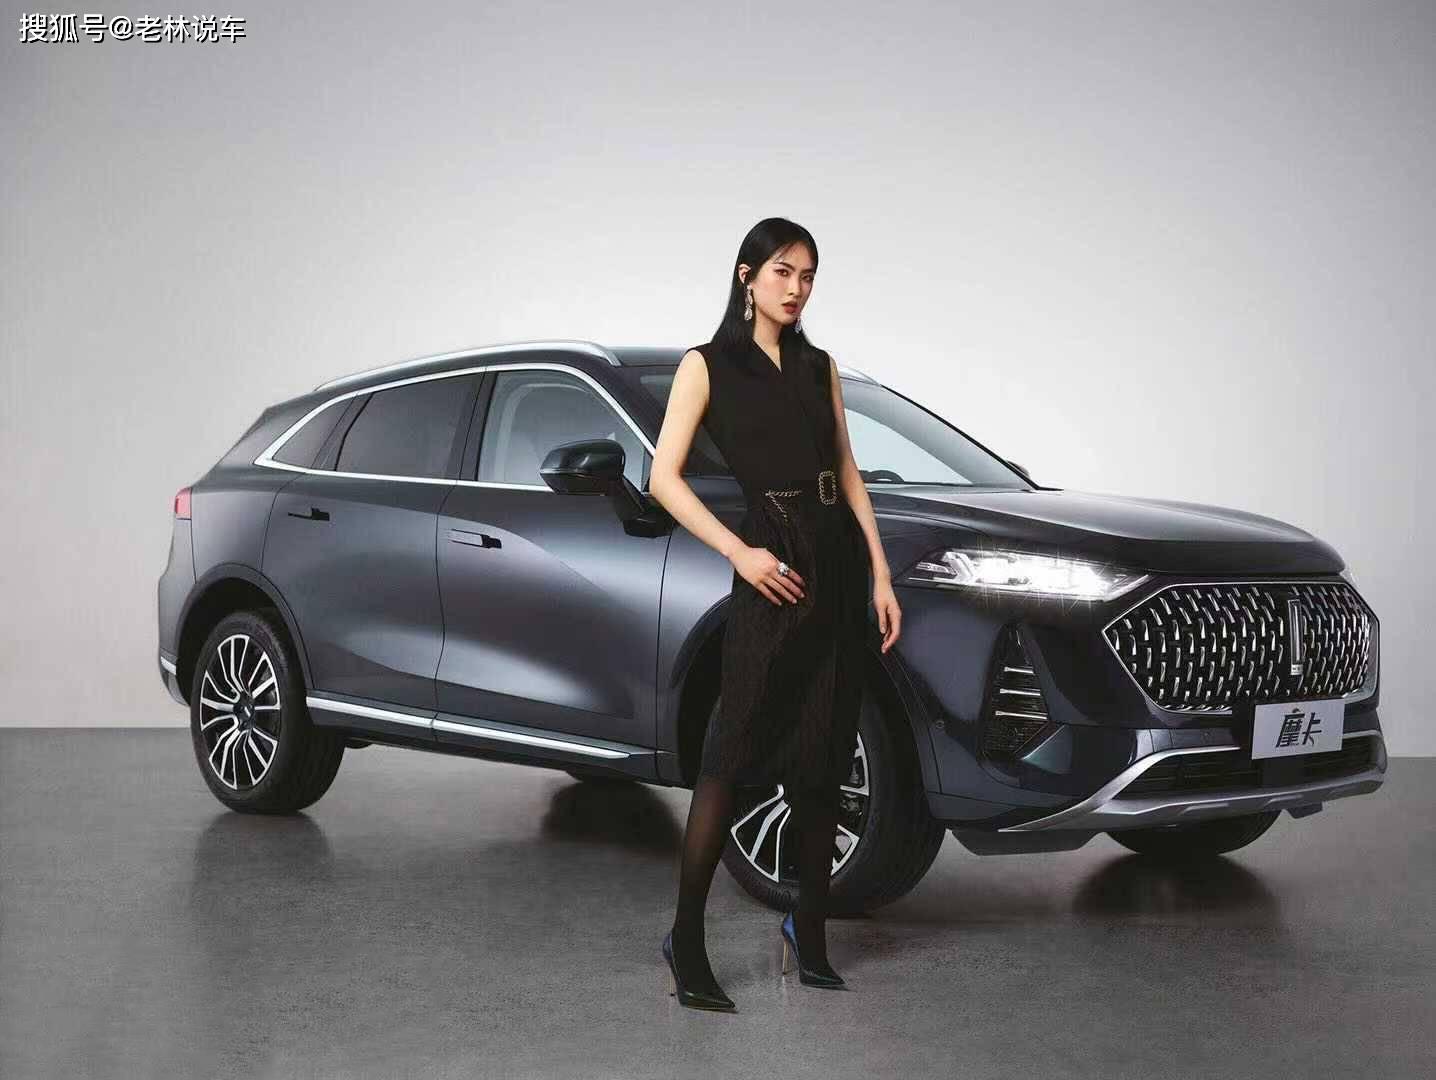 原WEY推出全新旗舰SUV,取名摩卡,2.0T爆款213马力,霸气外观